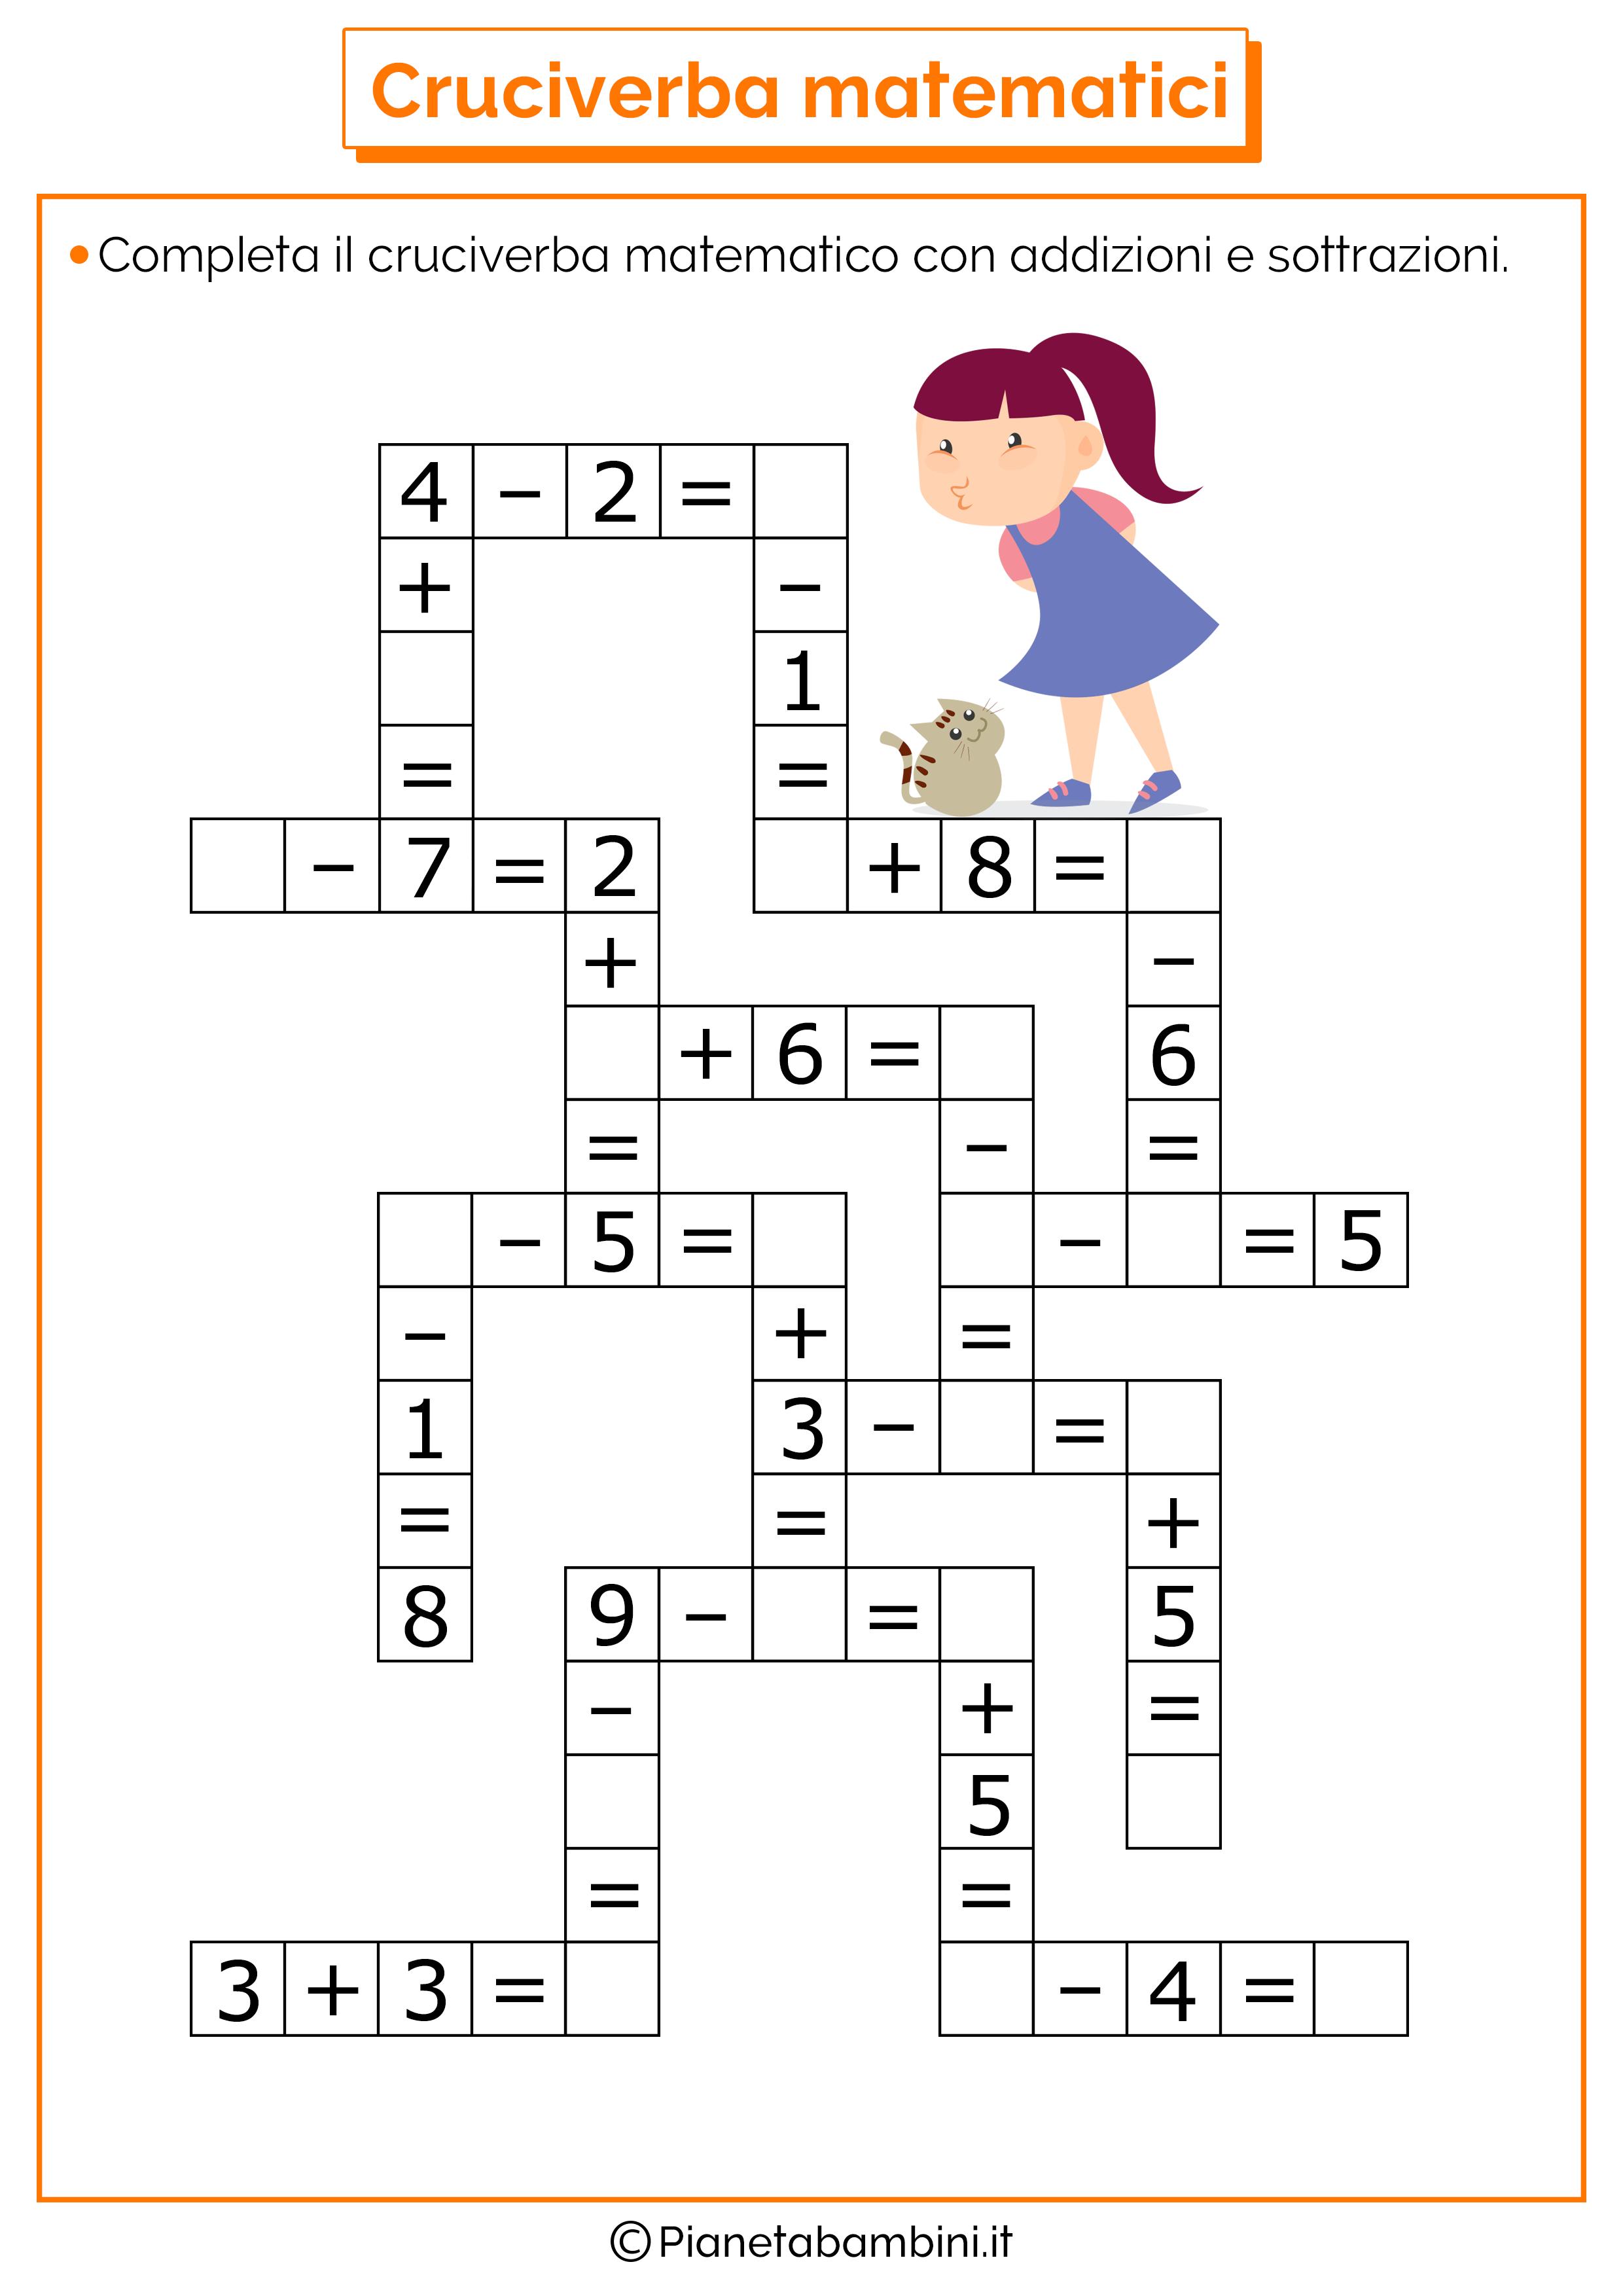 Cruciverba-Matematico-Addizioni-Sottrazioni-1